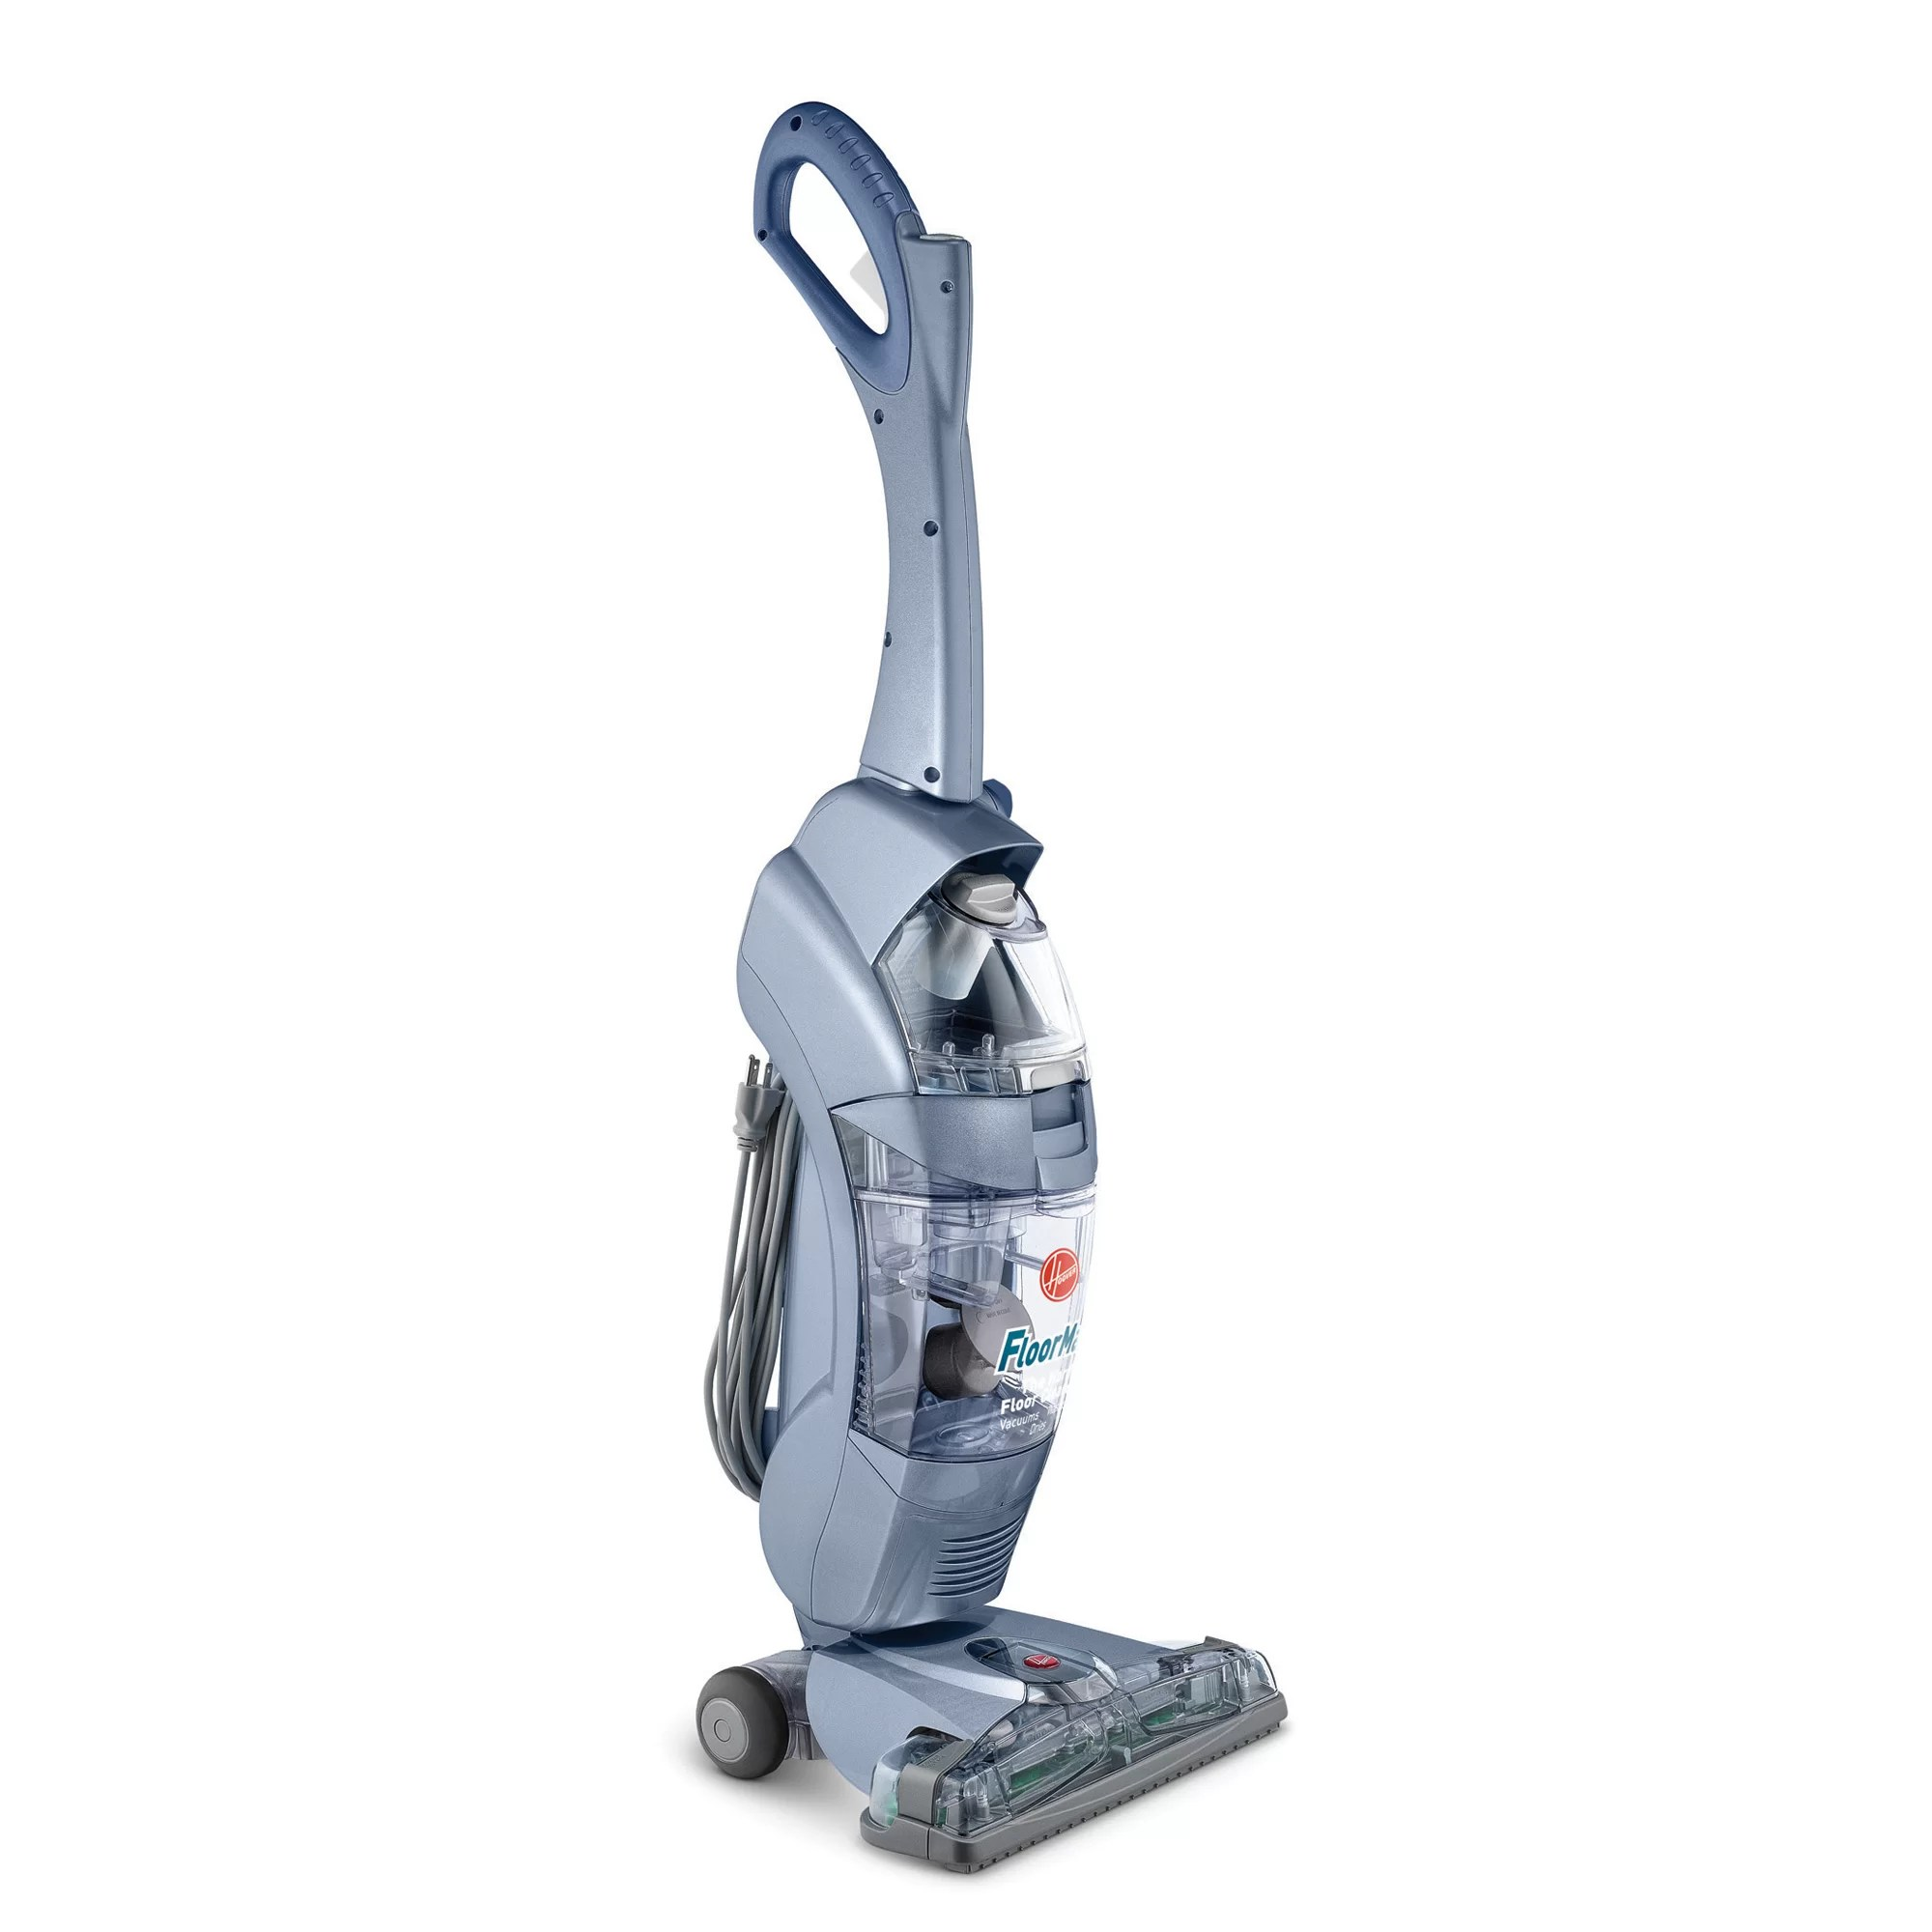 Hoover Floormate SpinScrub Widepath Hard Floor Cleaner  Reviews  Wayfair